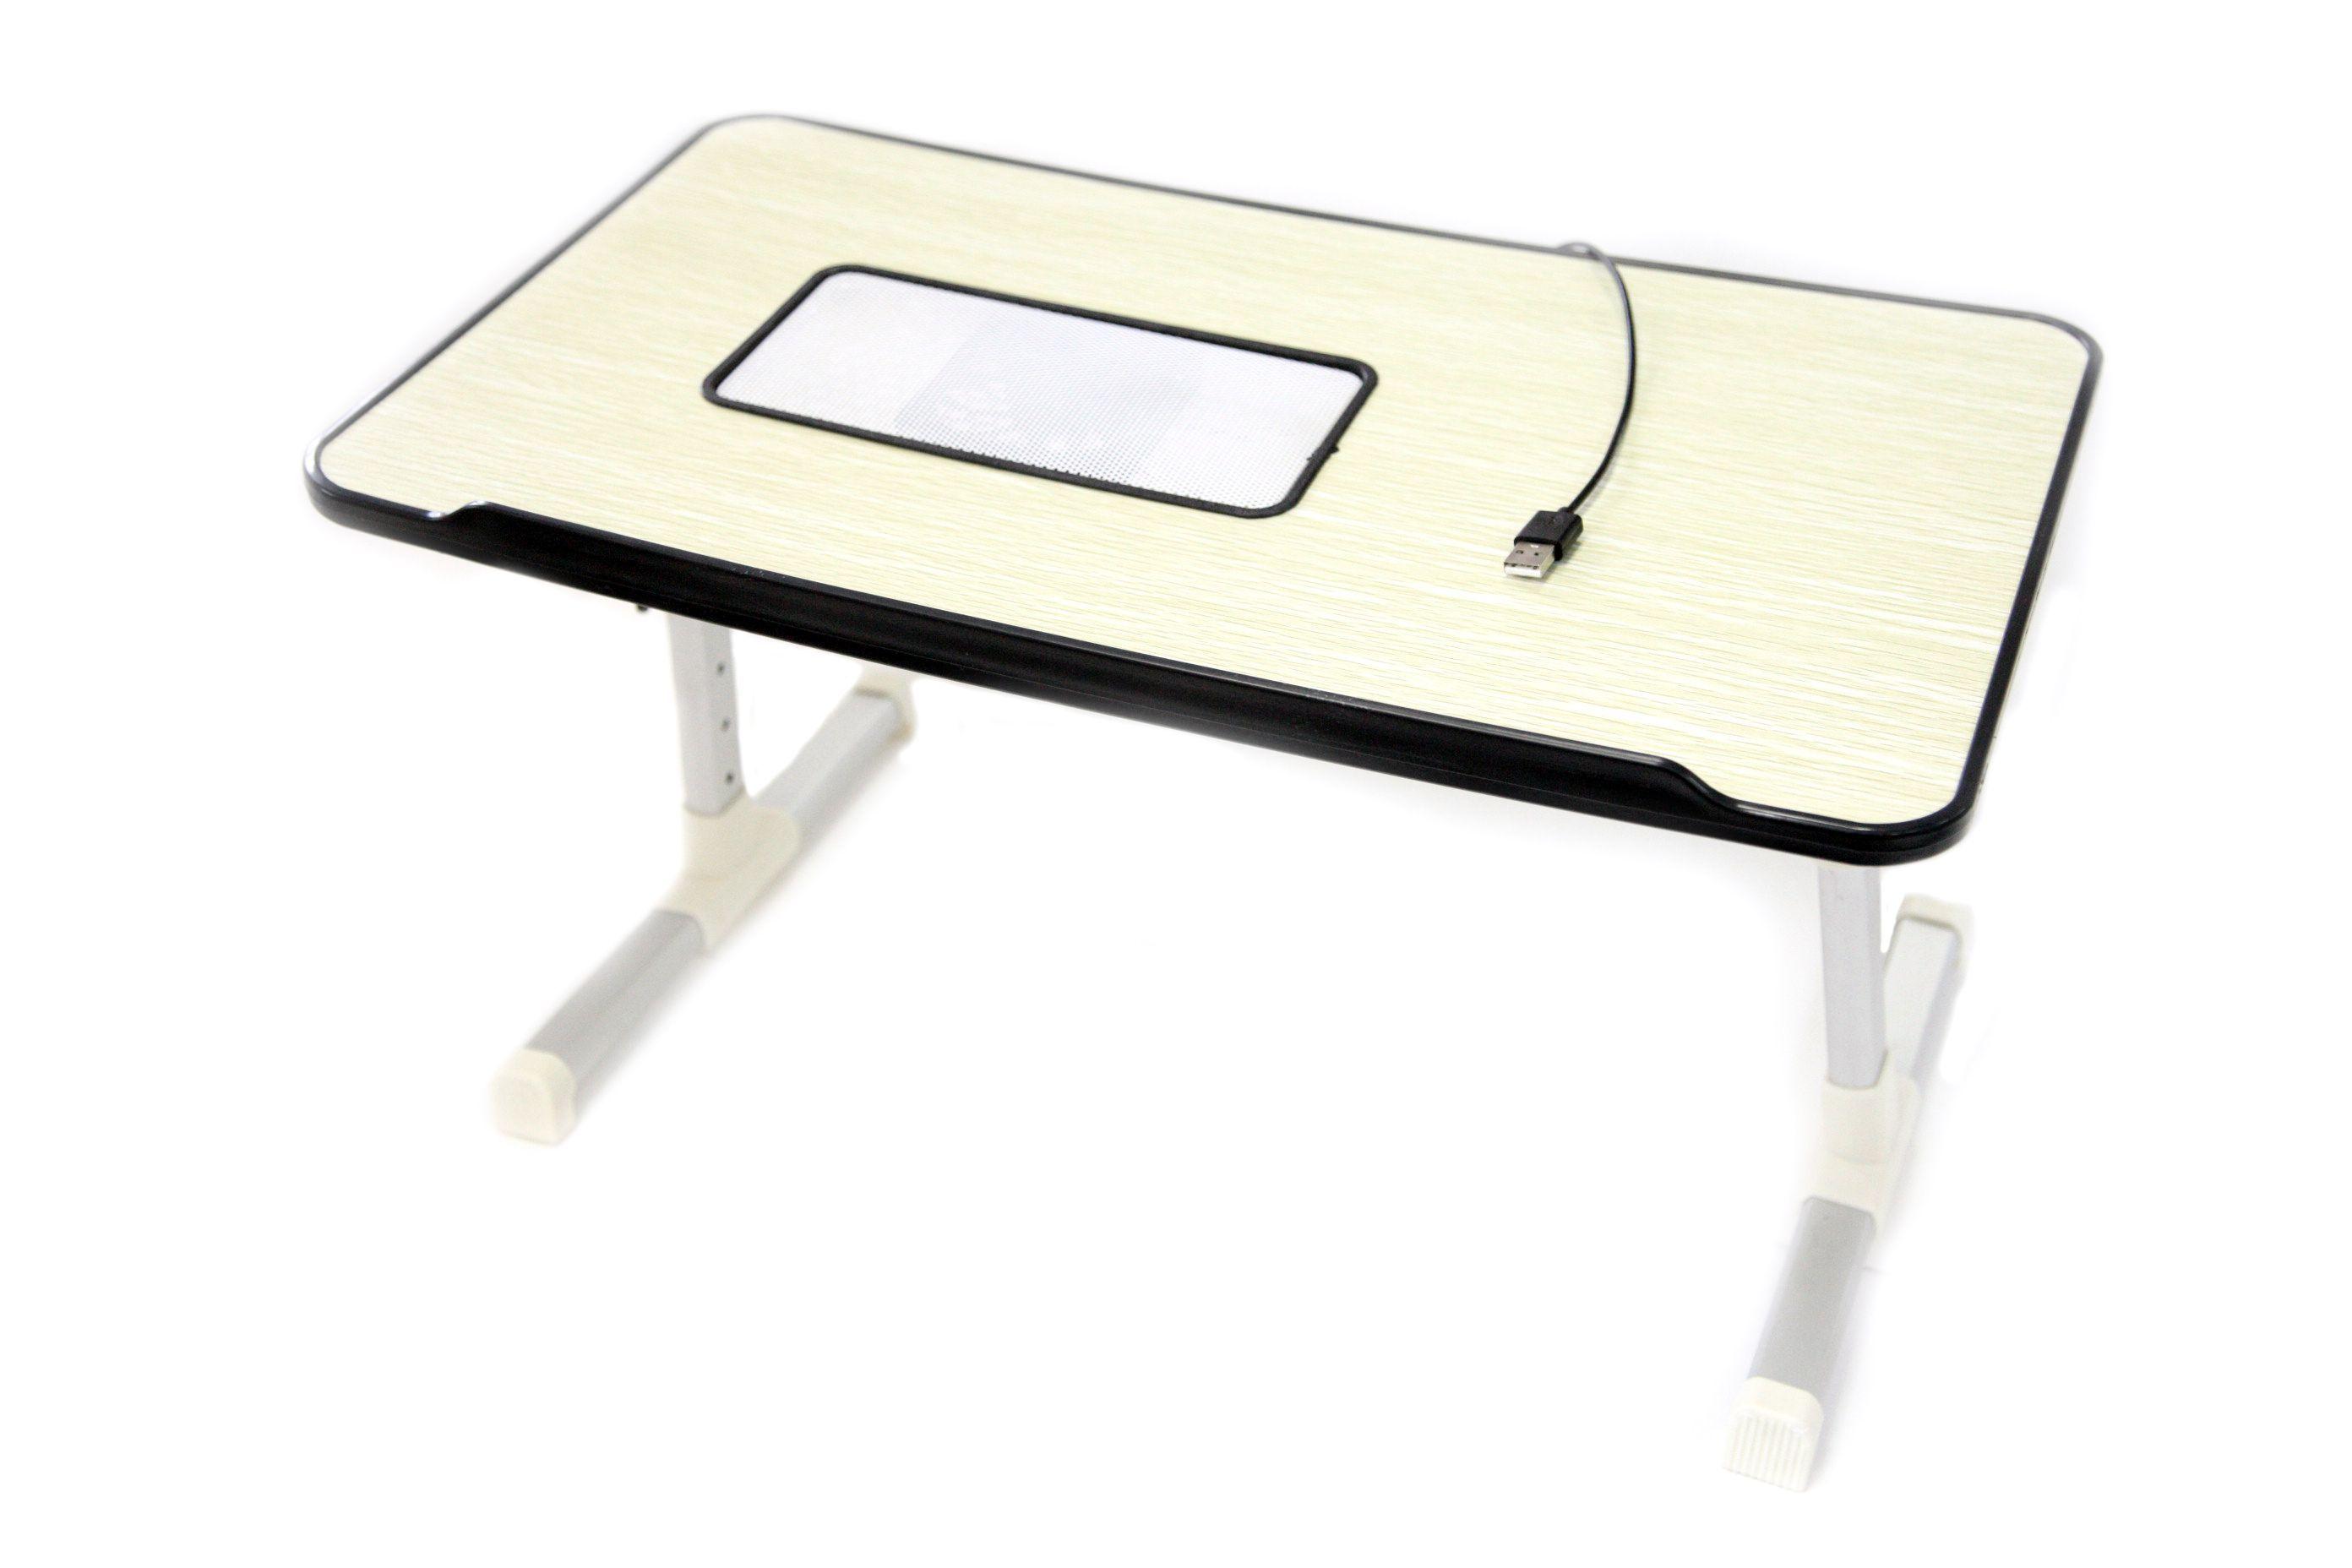 Столик трансформер для ноутбука LapTopDesk, LDTop (52X30 см, USB, model: D -5230), с охлаждениемСтолики для ноутбука<br>Столик трансформер для ноутбука LapTopDesk, LDTop (52X30 см, USB, model: D -5230)<br> <br>Вам часто приходится работать дома за ноутбуком? Устает спина от неудобного сидения с ним на коленях? Ваш гаджет стал греться во время работы? Любите завтрак в постели?<br> <br>Решите все эти проблемы одним махом, для этого вам нужно купить недорогой столик трансформер для ноутбука.<br> <br>Довольные покупатели отмечают в своих отзывах, что они ещё не видели настолько практичного и многофункционального столика, который прекрасно вписывается в любой интерьер. А невысокая цена не ударит по вашему бюджету. <br> <br>  <br> <br>Особенности столика трансформера<br> <br>Недорогой складной столик трансформер для ноутбука стал настоящей находкой для тех, кто сталкивается с необходимостью работать дома. <br> <br>Его особенная конструкция делает его невероятно удобным, так как позволяет изменять положение и угол наклона подставки от 0 до 30 градусов, чтобы подстроить ее под свои предпочтения, а также можно и изменить длину ножек для удобства. Они выполнены из высококачественного сплава из алюминия, который обладает малым весом, и при этом прочный и надежный.<br> <br>Возможность установки угла и высоты платформы делает такой столик очень удобным при чтении электронной книги, к примеру, с планшета, или просмотра фильма.<br> <br>Помимо этого складной столик трансформер для ноутбука оснащен активной системой охлаждения, поэтому вы можете быть уверенны в том, что ваш электронный помощник точно не перегреется, даже если вы его активно используете. <br> <br>Охлаждение происходит благодаря работе мощного вентилятора диаметром 12 сантиметров, который работает абсолютно бесшумно, поэтому не будет вас тревожить или отвлекать. Даже если вы не будете ее включать, специальная решетка, вмонтированная в подставку, обеспечит отвод горячего воздуха от ноутбука или планшета.<br> <br>  <br>